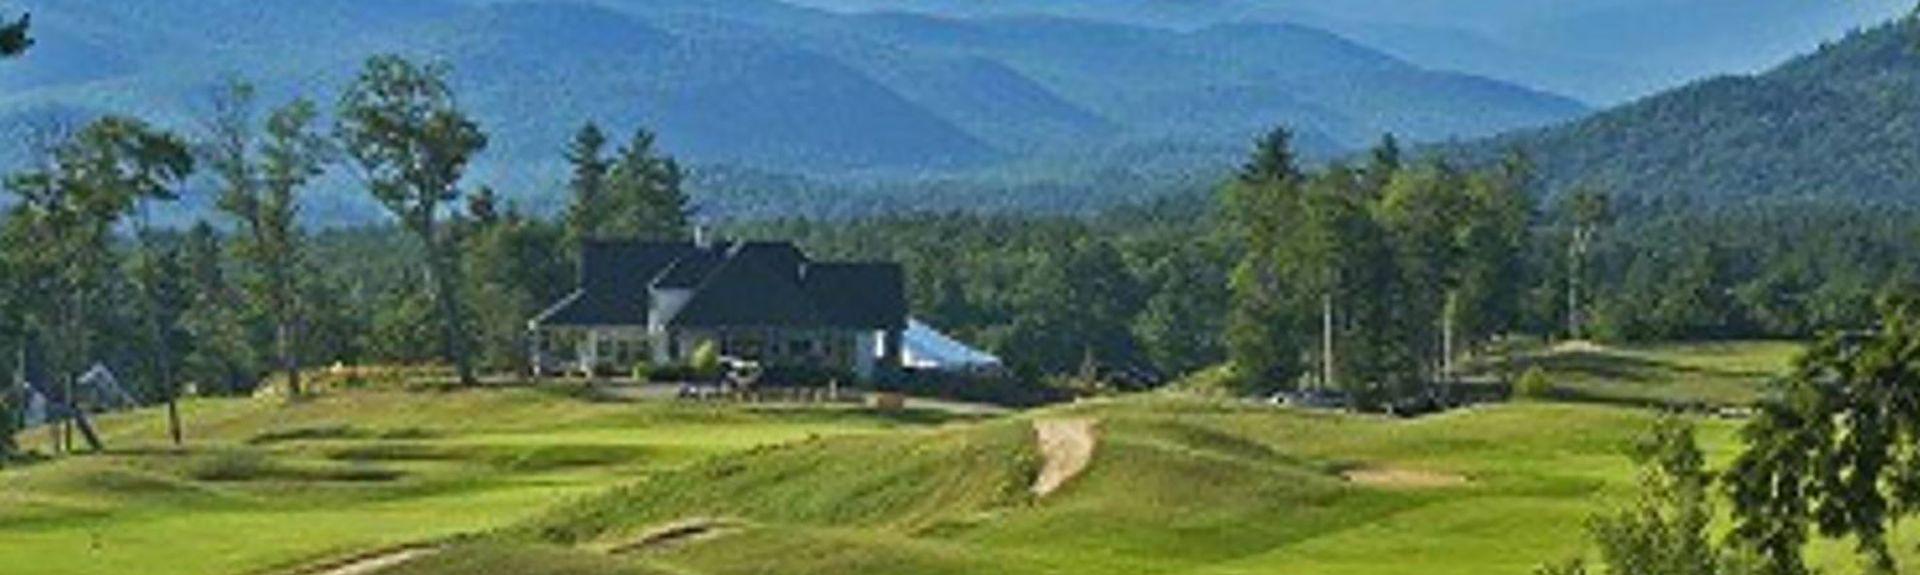 Área natural Quincy Bog, Rumney, Nuevo Hampshire, Estados Unidos